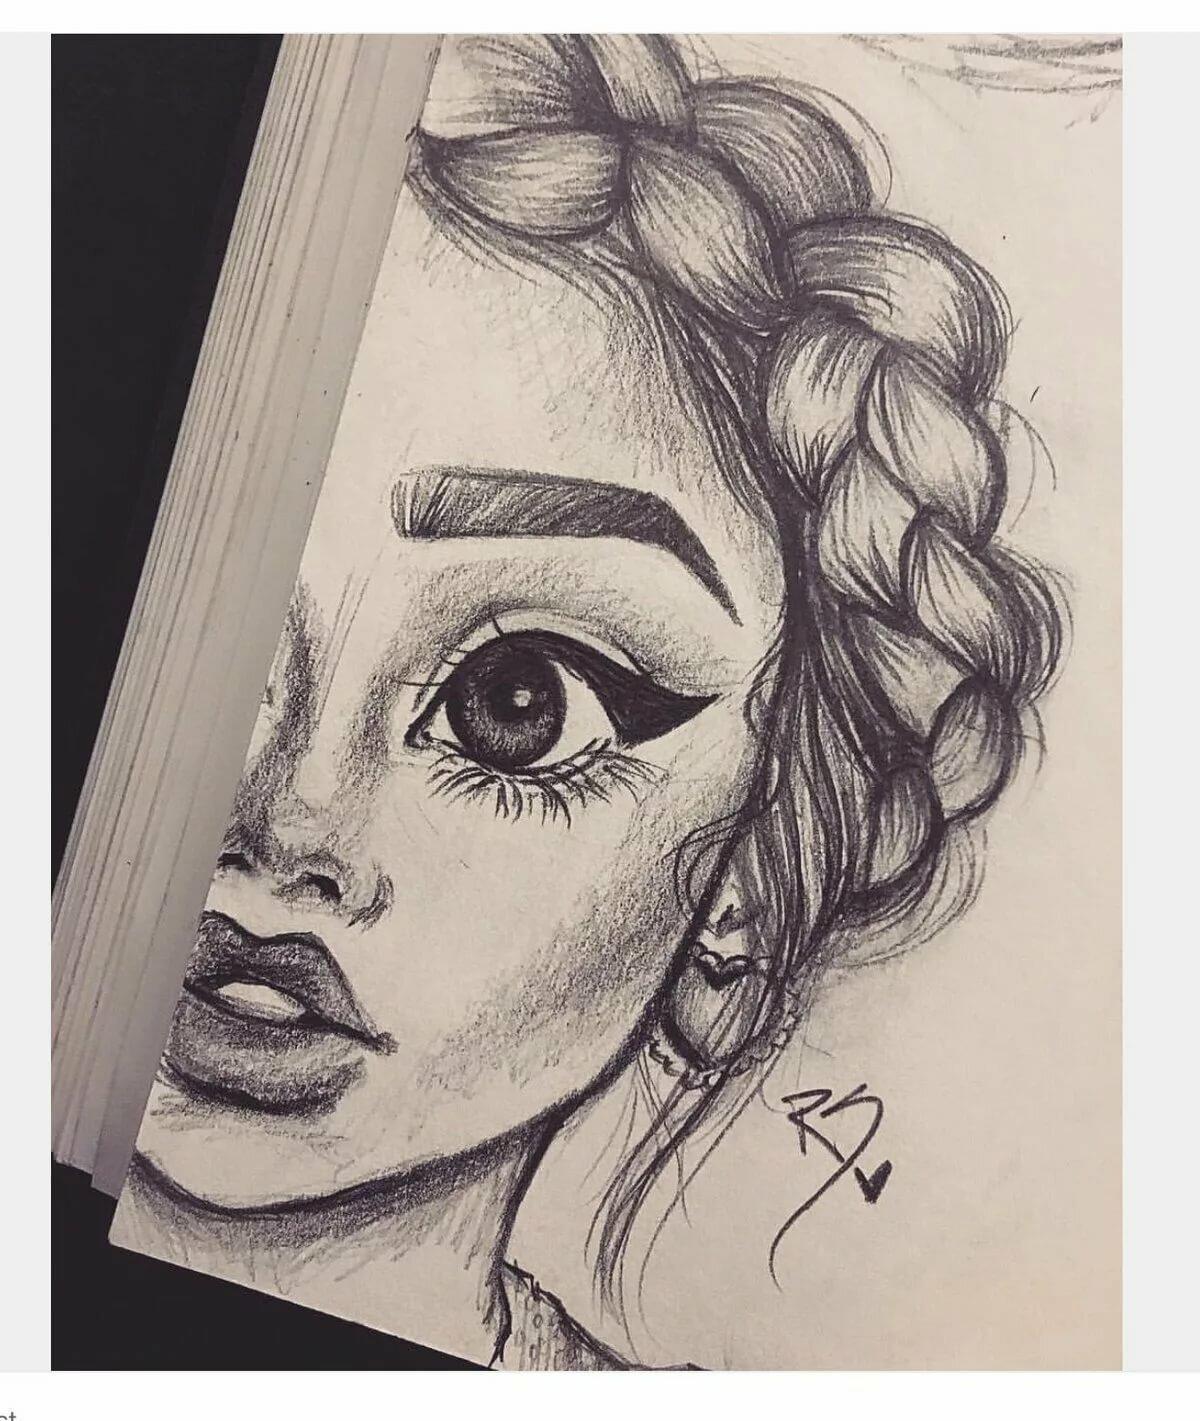 Картинки с изображением девушек для срисовки, кружка